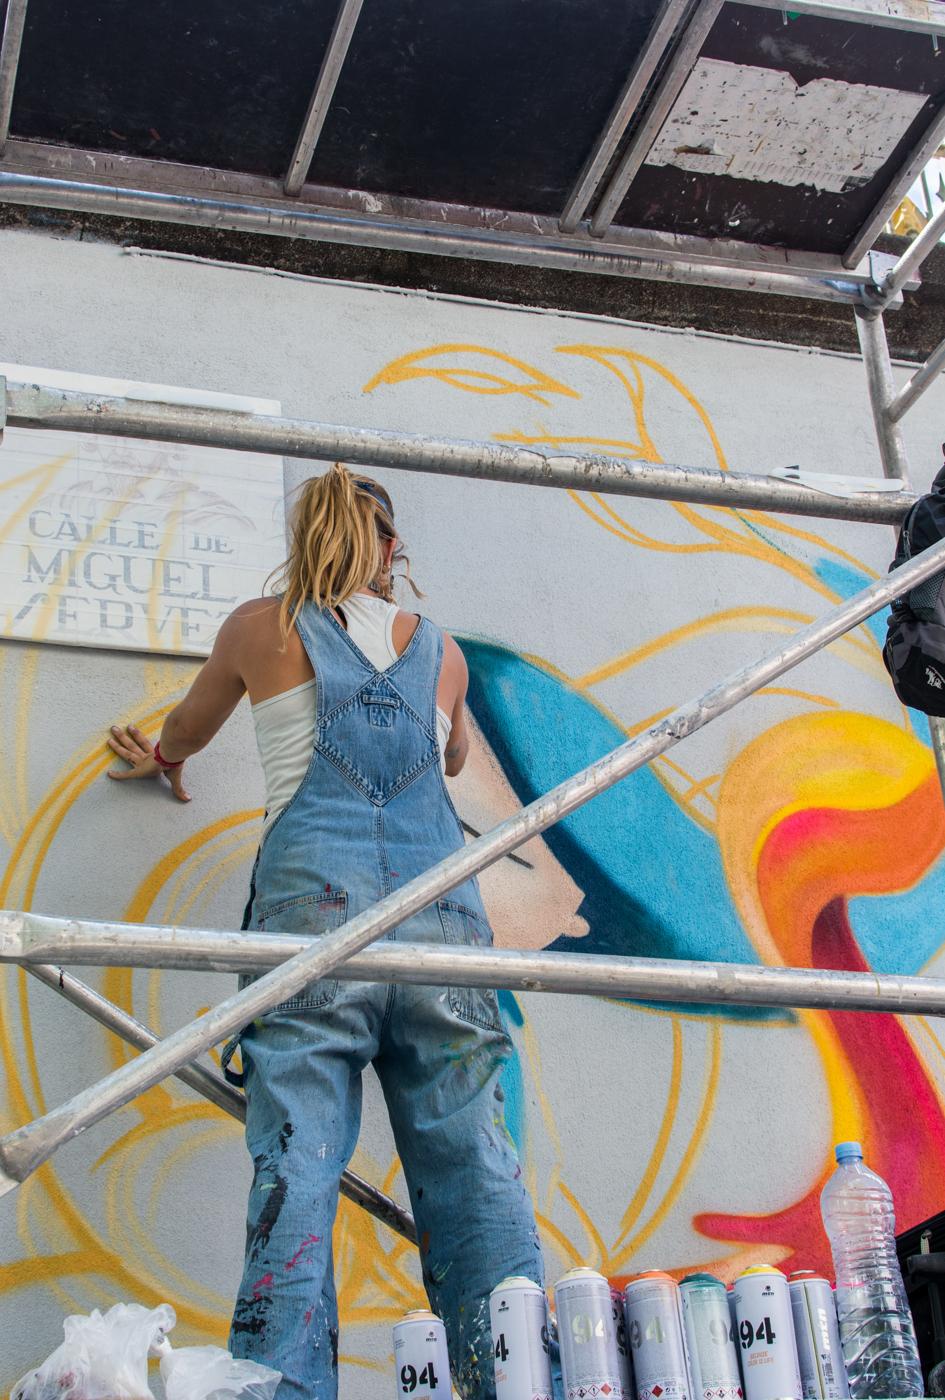 Julieta XLF - MurosTabacalera by Guillermo de la Madrid - Madrid Street Art Project-0897.jpg